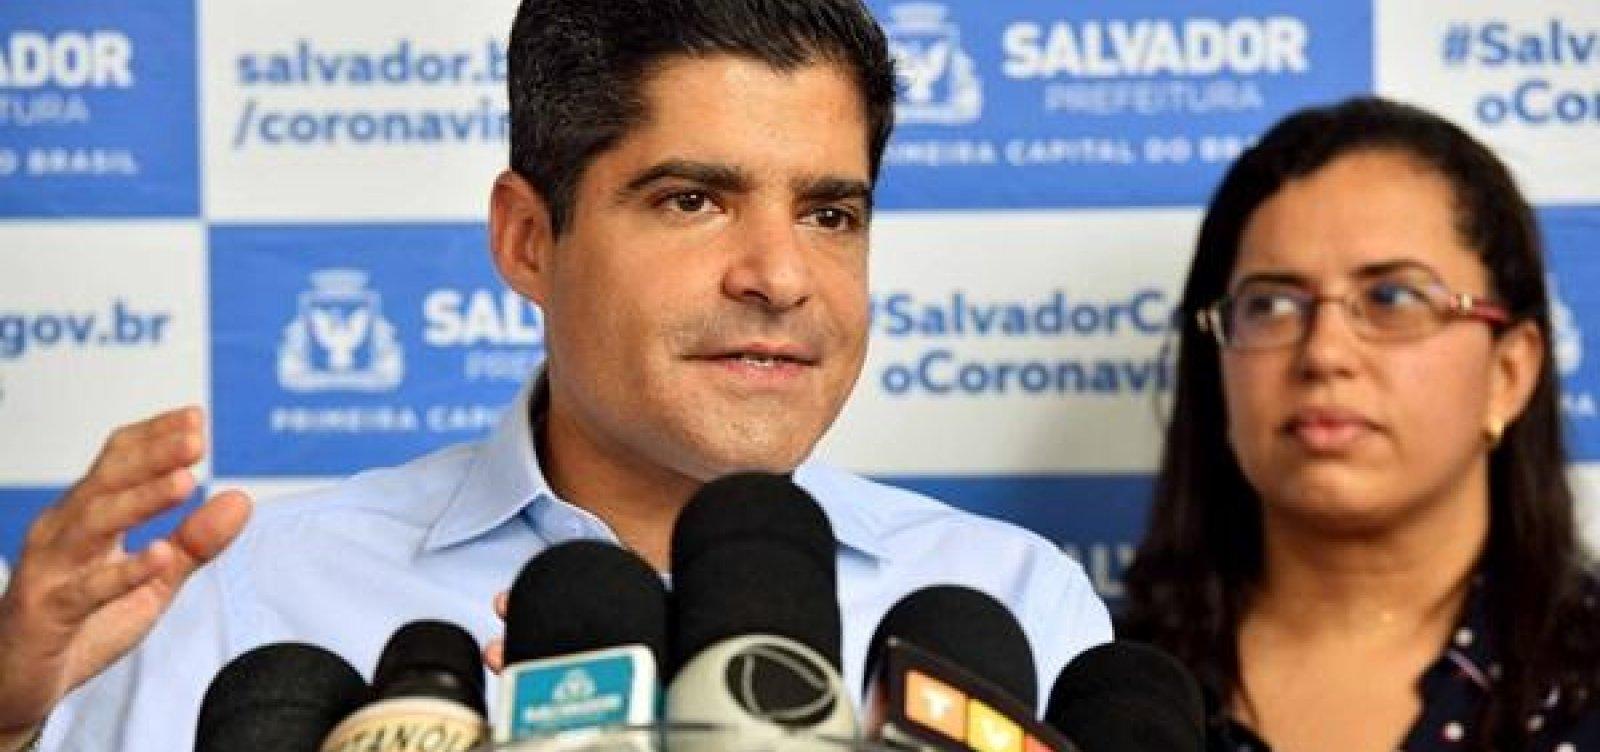 [ACM Neto condena ato de Bolsonaro: 'Quem está salvando o Brasil são os prefeitos e governadores']